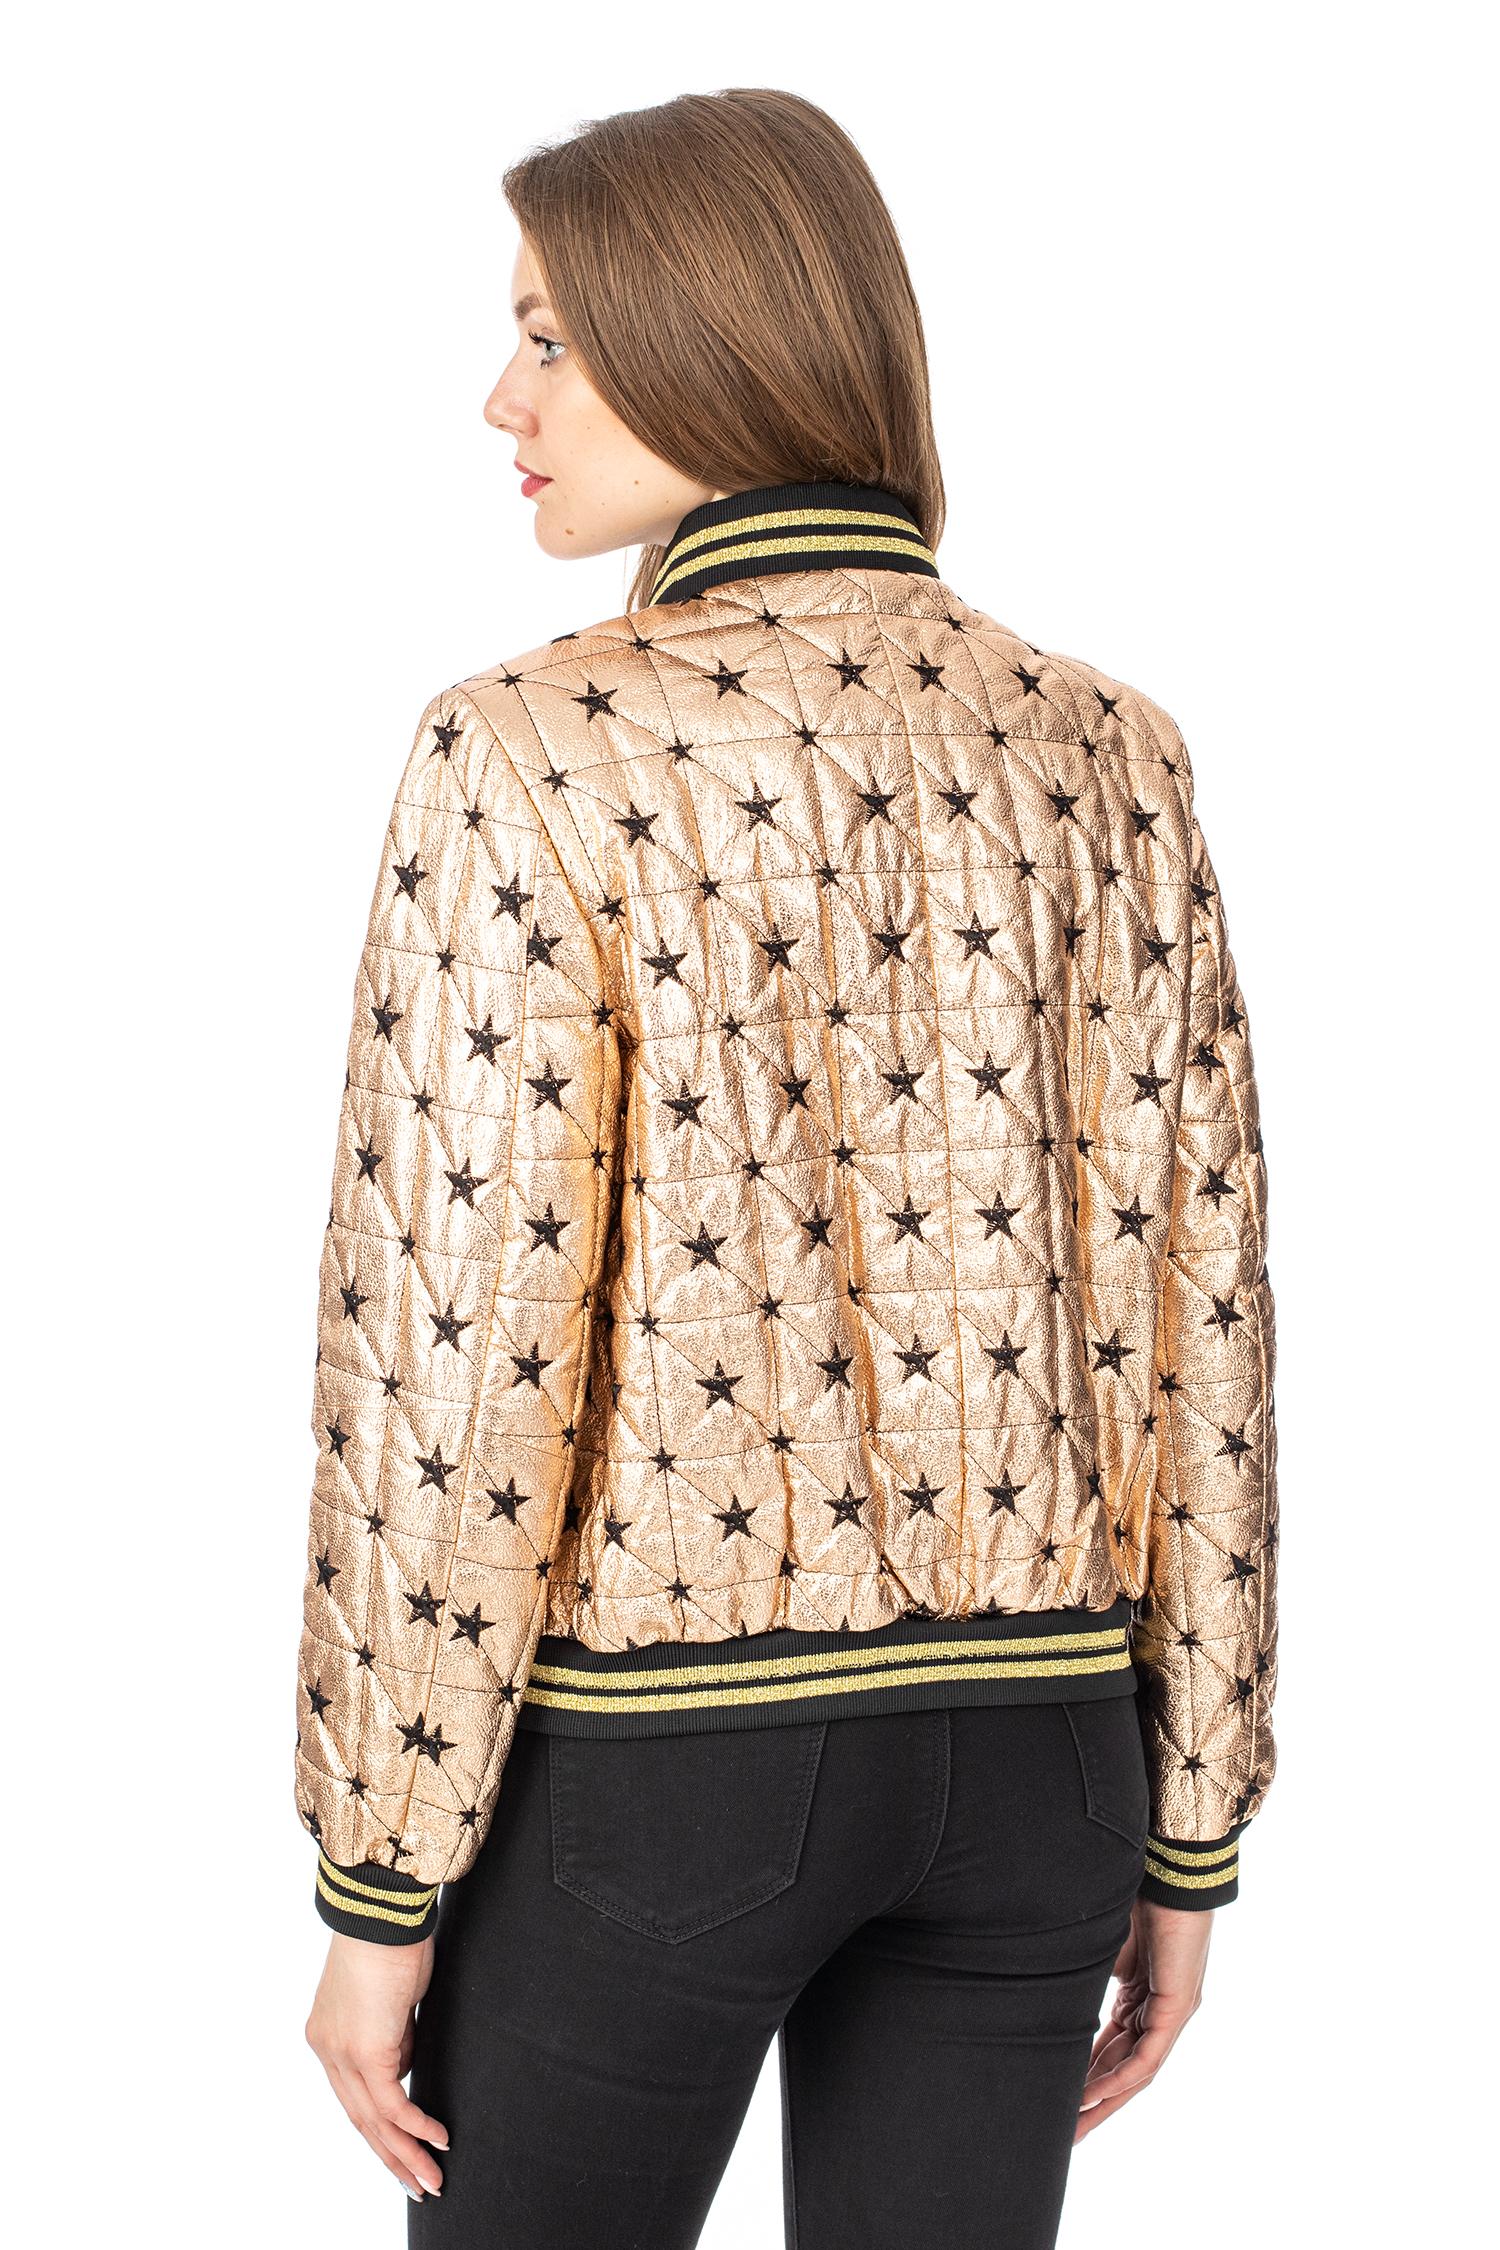 Фото 3 - Женская кожаная куртка из натуральной кожи с воротником от МОСМЕХА золотого цвета